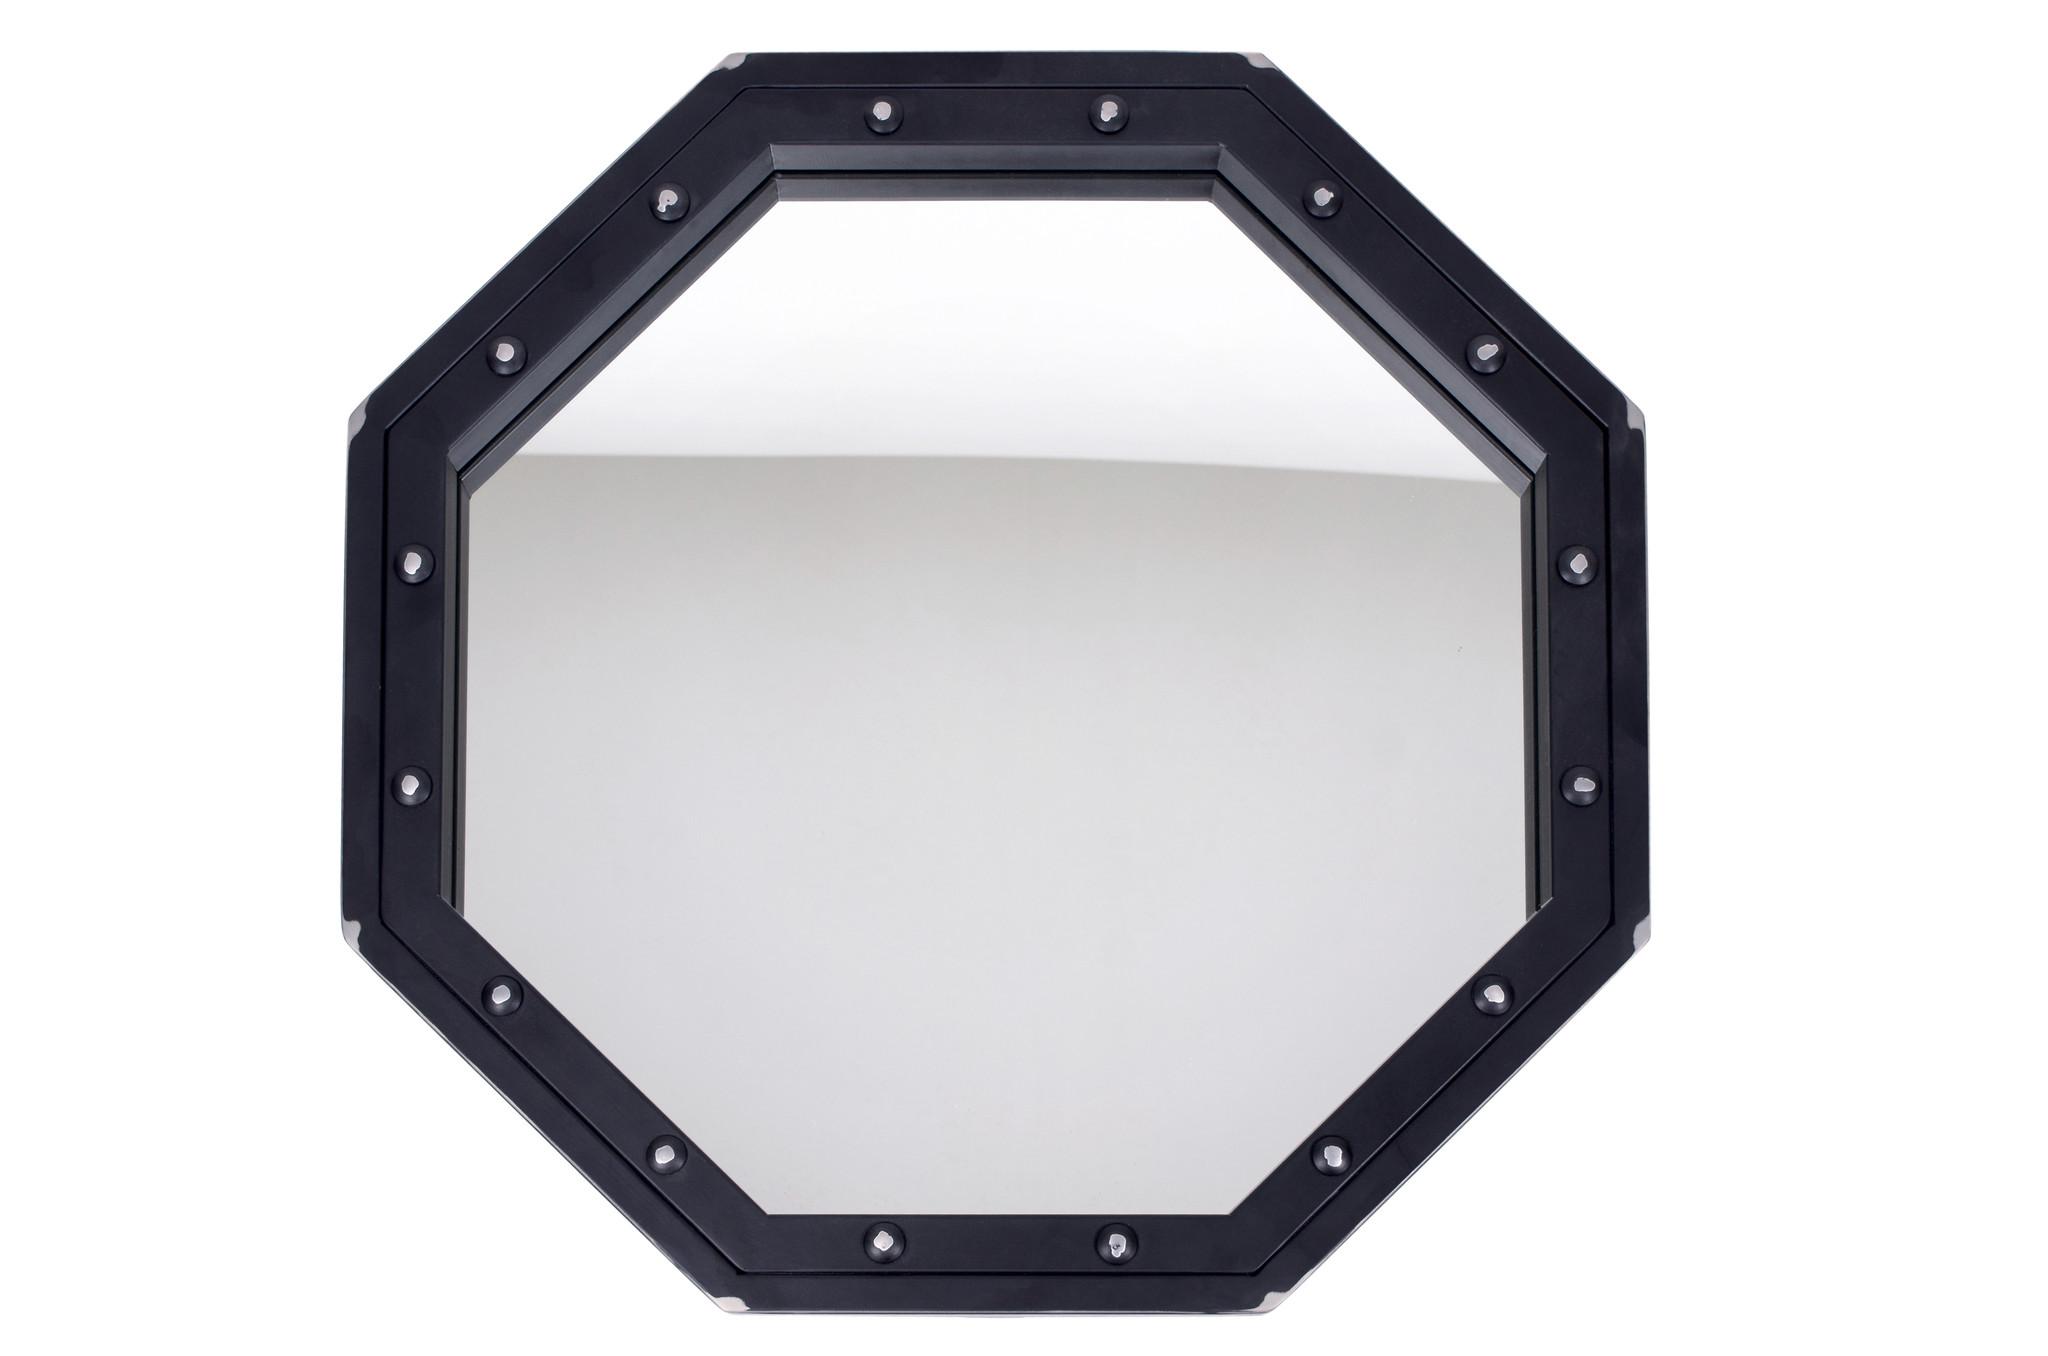 Зеркало Black OwlНастенные зеркала<br>Навесное зеркало в восьмиугольной стальной раме выполнено в лаконичном брутальном стиле. Призвано подчеркнуть твердый характер и независимость&amp;nbsp; обладателя. Рама изготовлена из стали, тыльная сторона надежно предохраняет стекло от выдавливания, что делает продукт более безопасным. Стойкое покрытие позволяет использовать его даже в умеренно влажных помещениях. Упаковано в деревянный ящик.Фабрика Black Owl выпускает дизайнерскую мебель из стали и дерева, разработанную с пристальным вниманием к деталям. На производстве используется современное оборудование, а для важных элементов – ручной труд опытных мастеров, поэтому мебель Black Owl с полным правом можно назвать крафтовой.<br><br>kit: None<br>gender: None